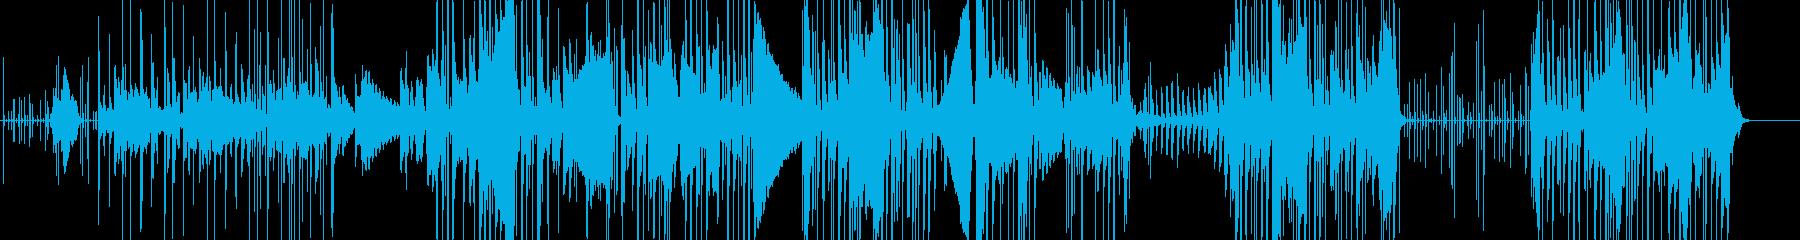 コメディーの「こっそり」の要素を持...の再生済みの波形